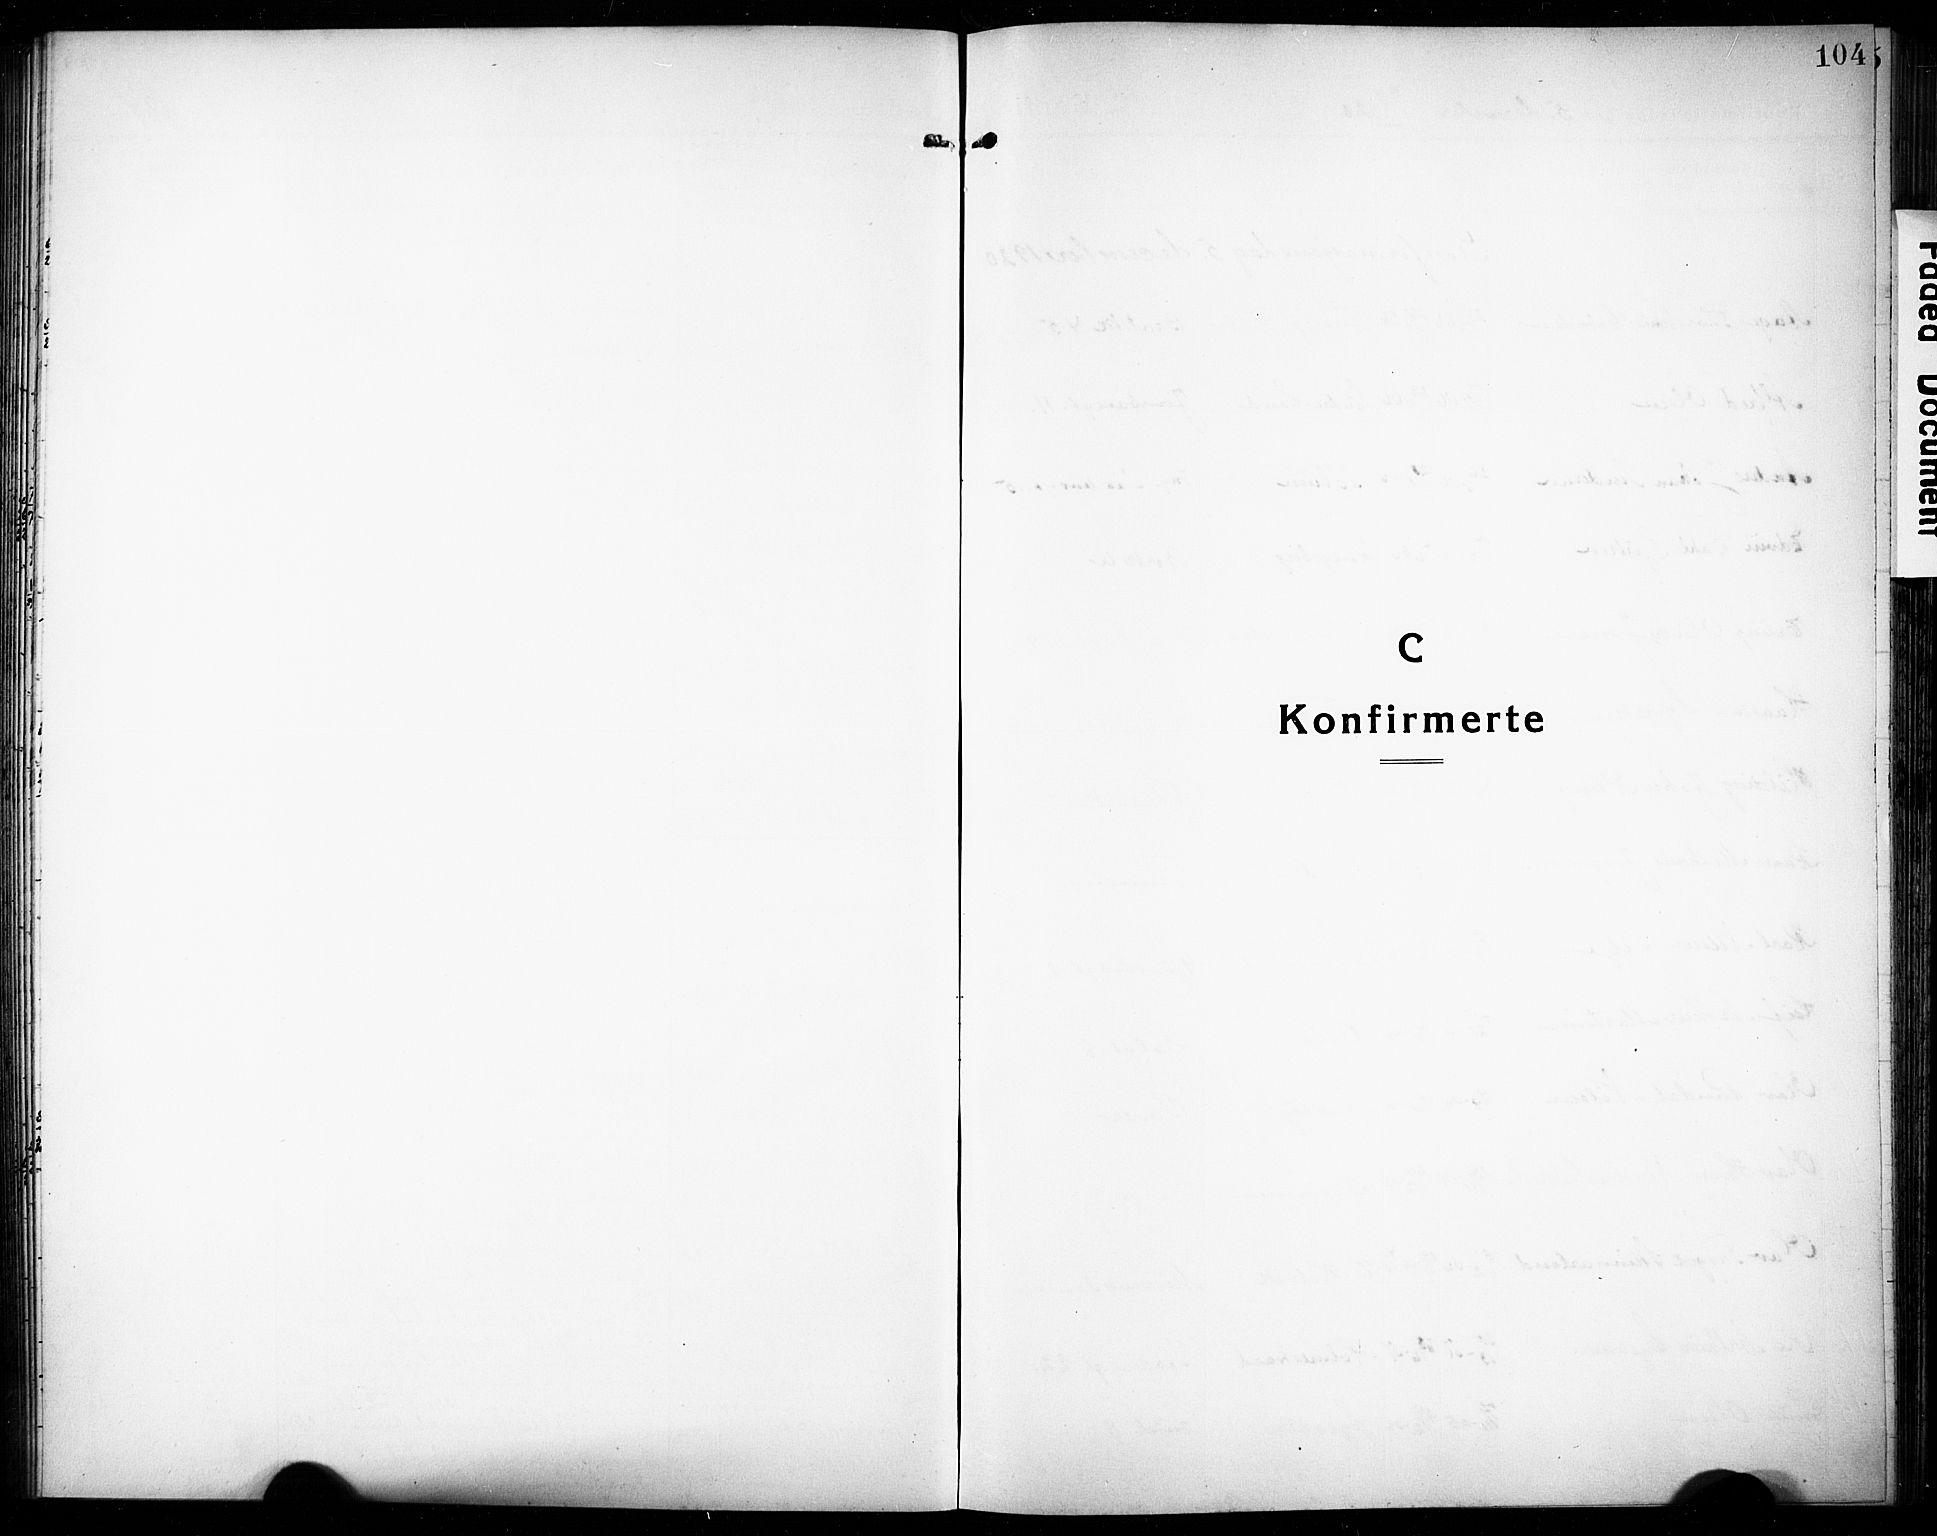 SAKO, Rjukan kirkebøker, G/Ga/L0003: Klokkerbok nr. 3, 1920-1928, s. 104